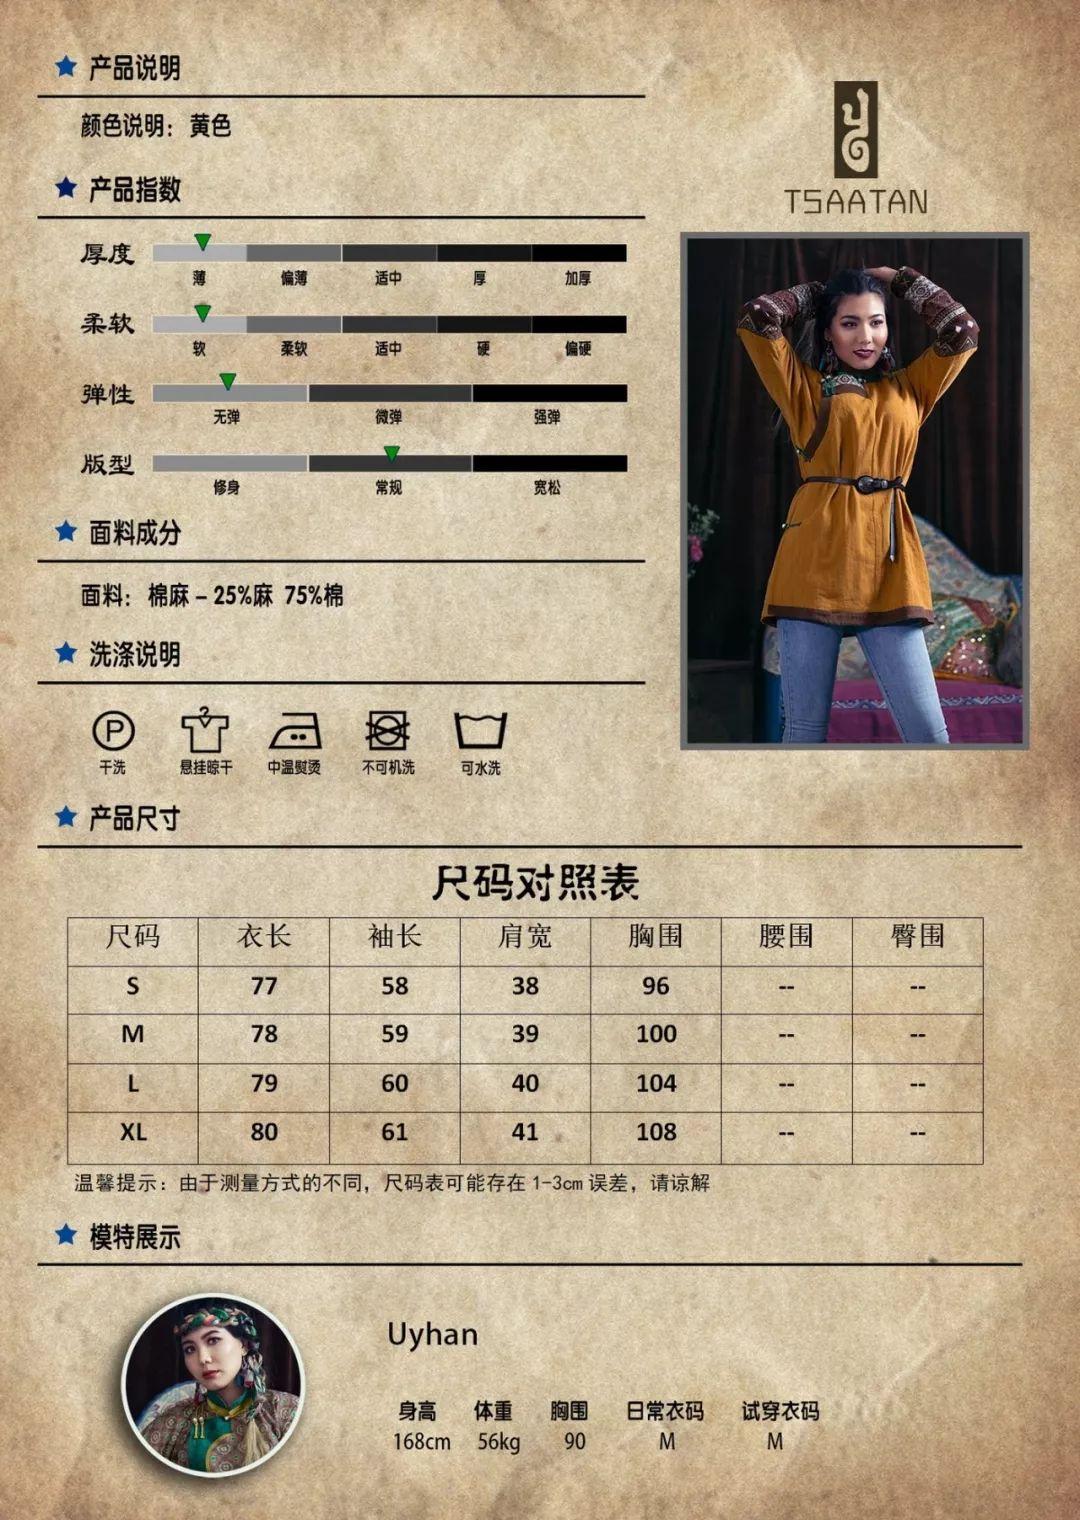 TSAATAN蒙古时装 2019新款,来自驯鹿人的独特魅力! 第67张 TSAATAN蒙古时装 2019新款,来自驯鹿人的独特魅力! 蒙古服饰